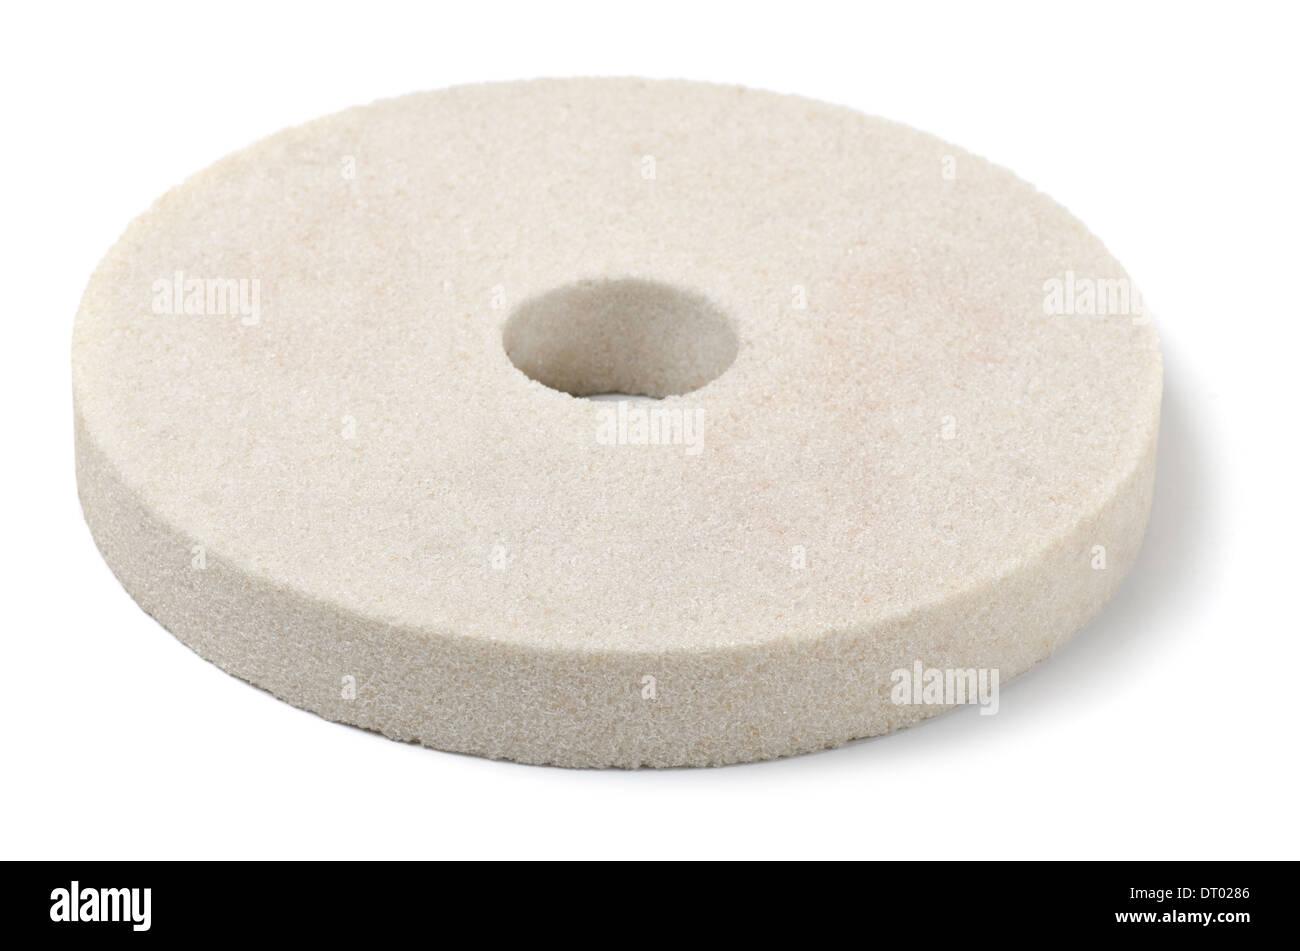 Meule blanc isolated on white Photo Stock